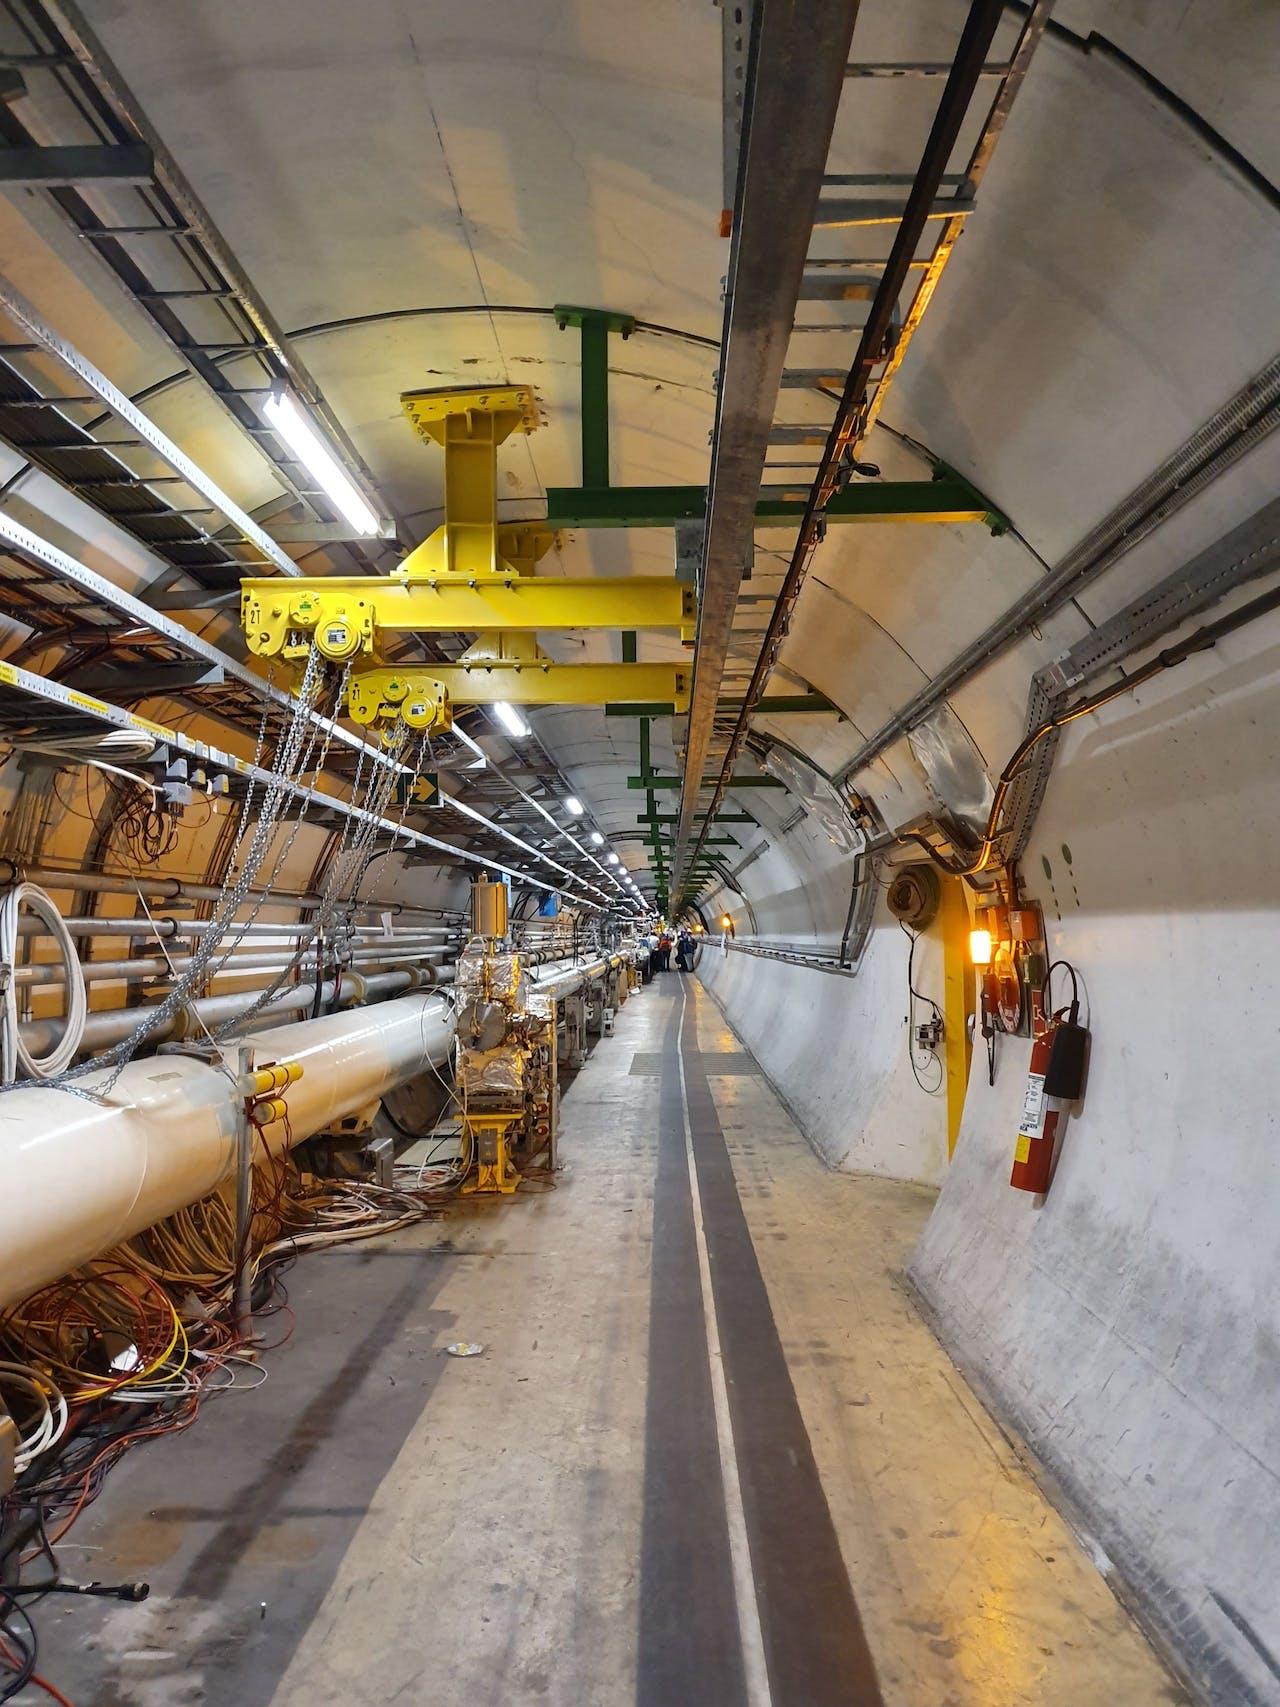 De Large Hadron Collider (LHC) van CERN